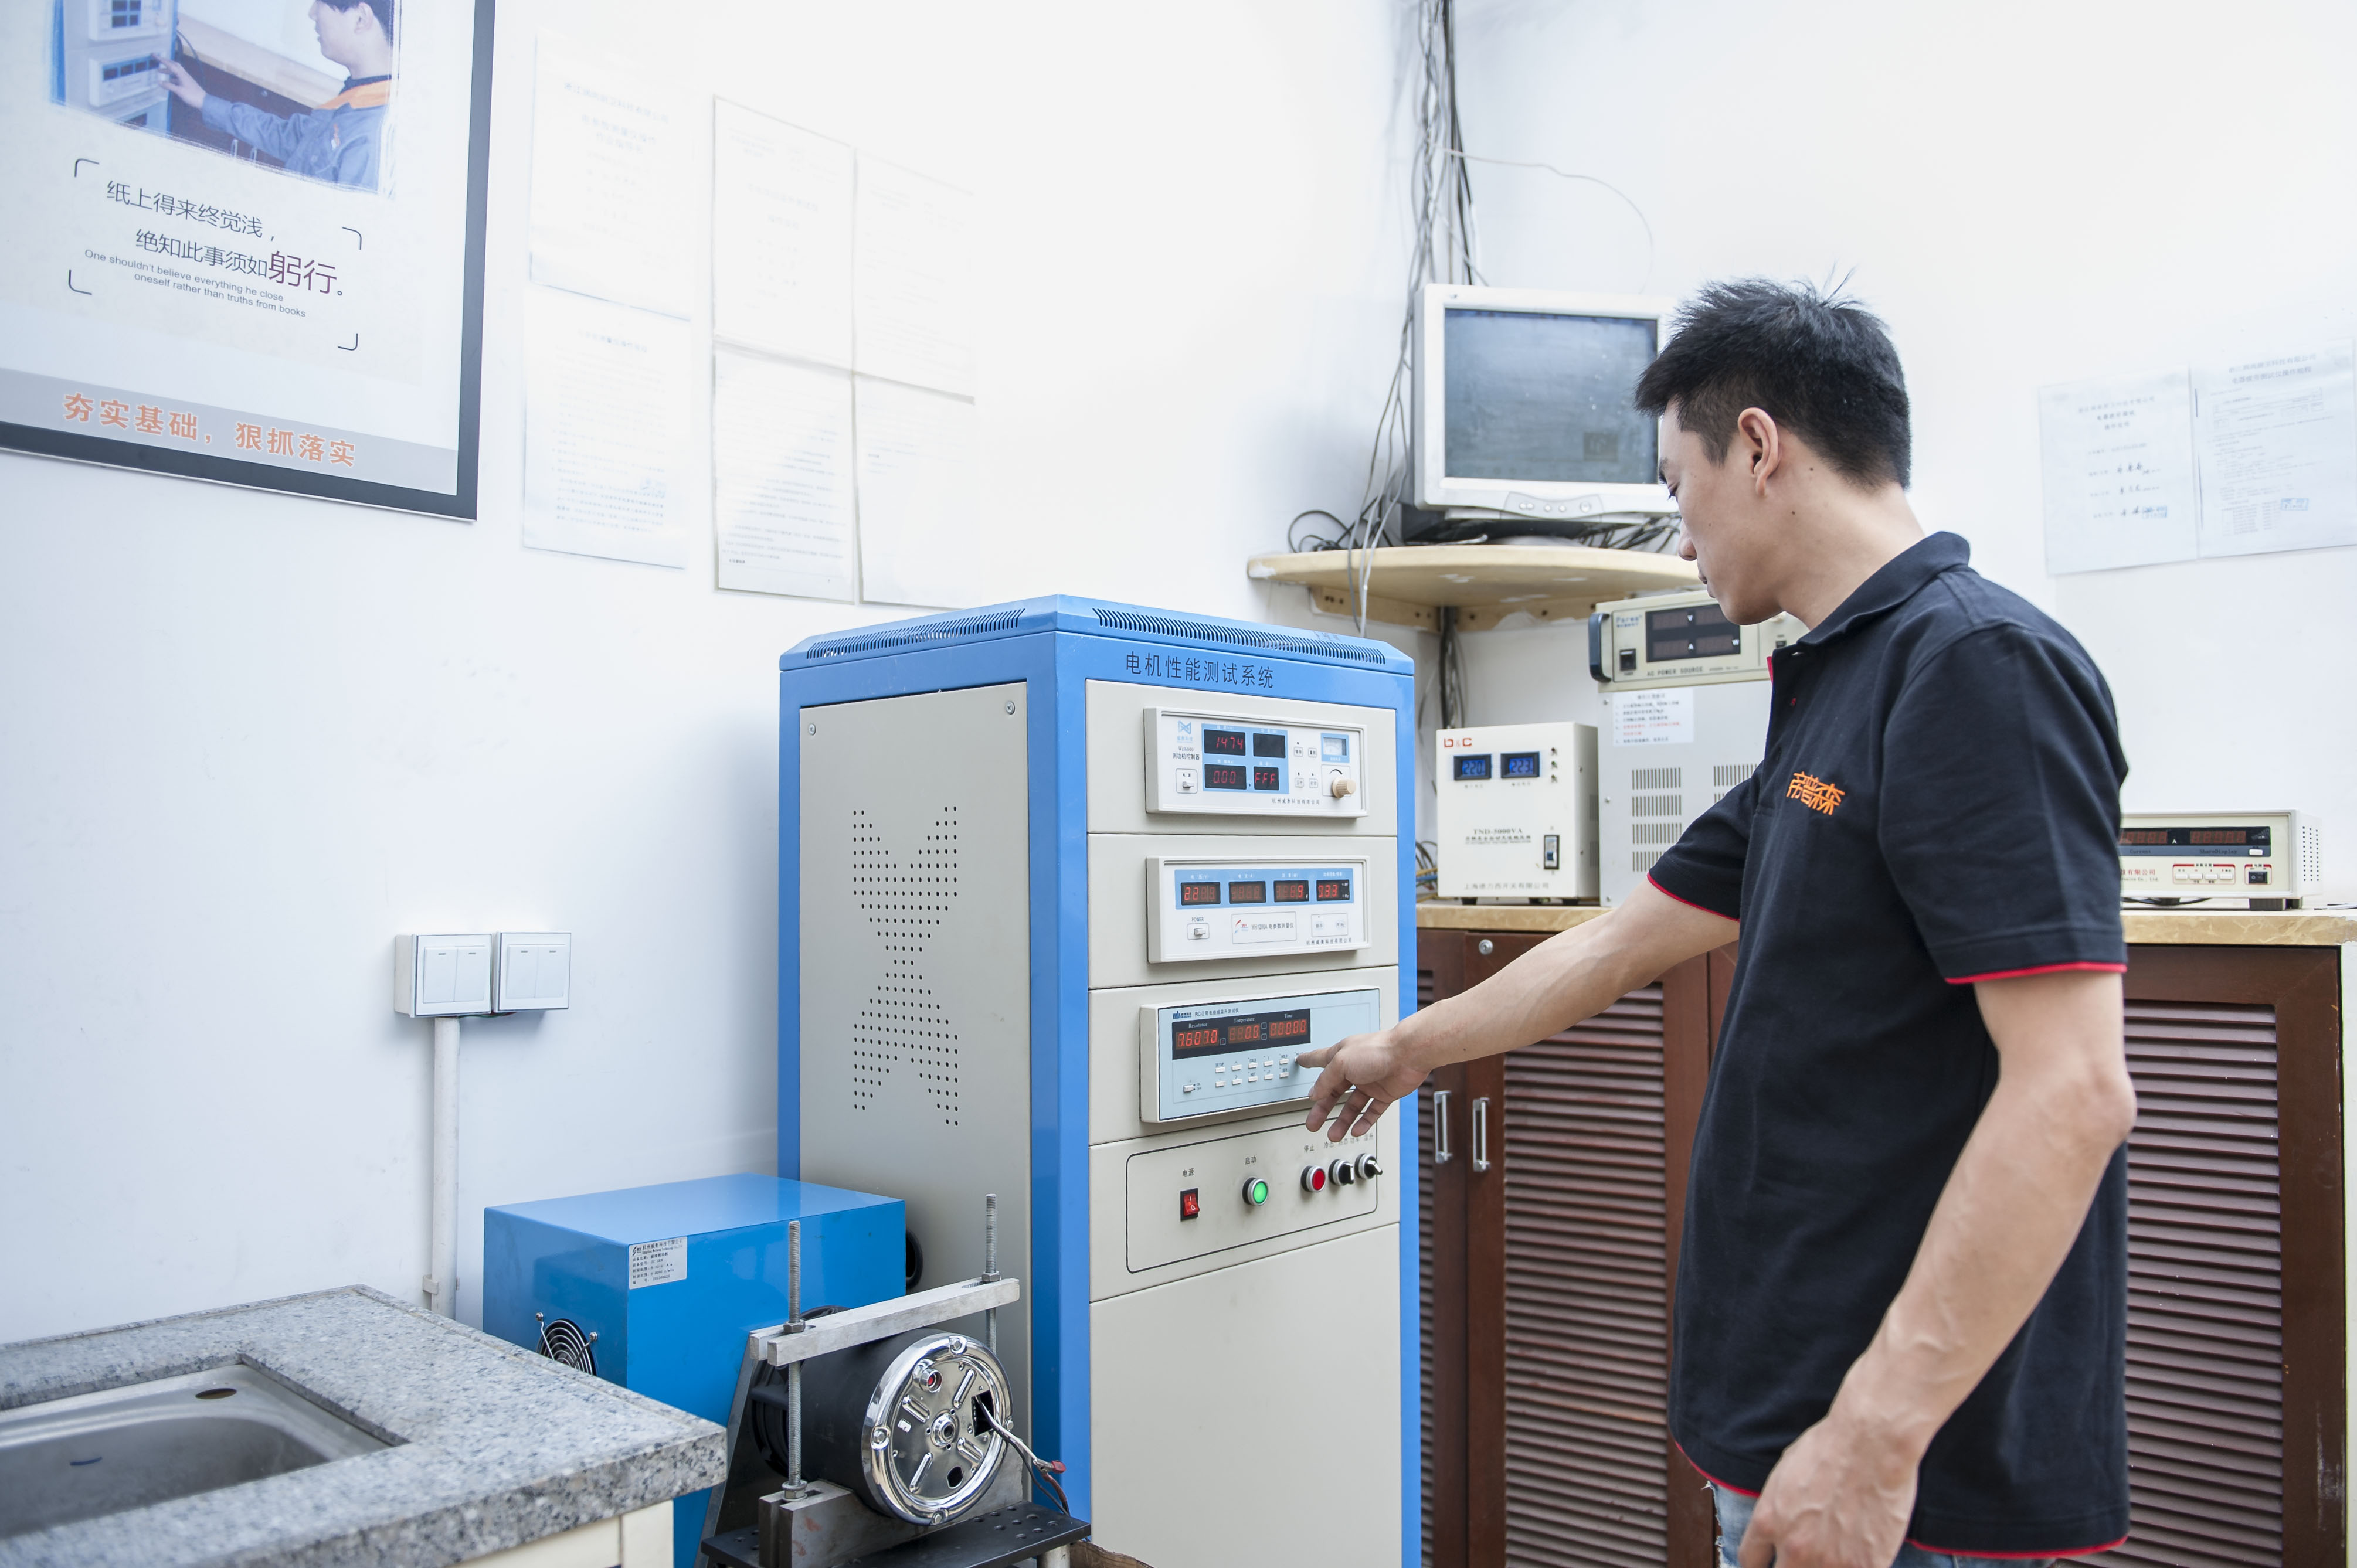 深圳环保垃圾处理机有必要吗,垃圾处理机